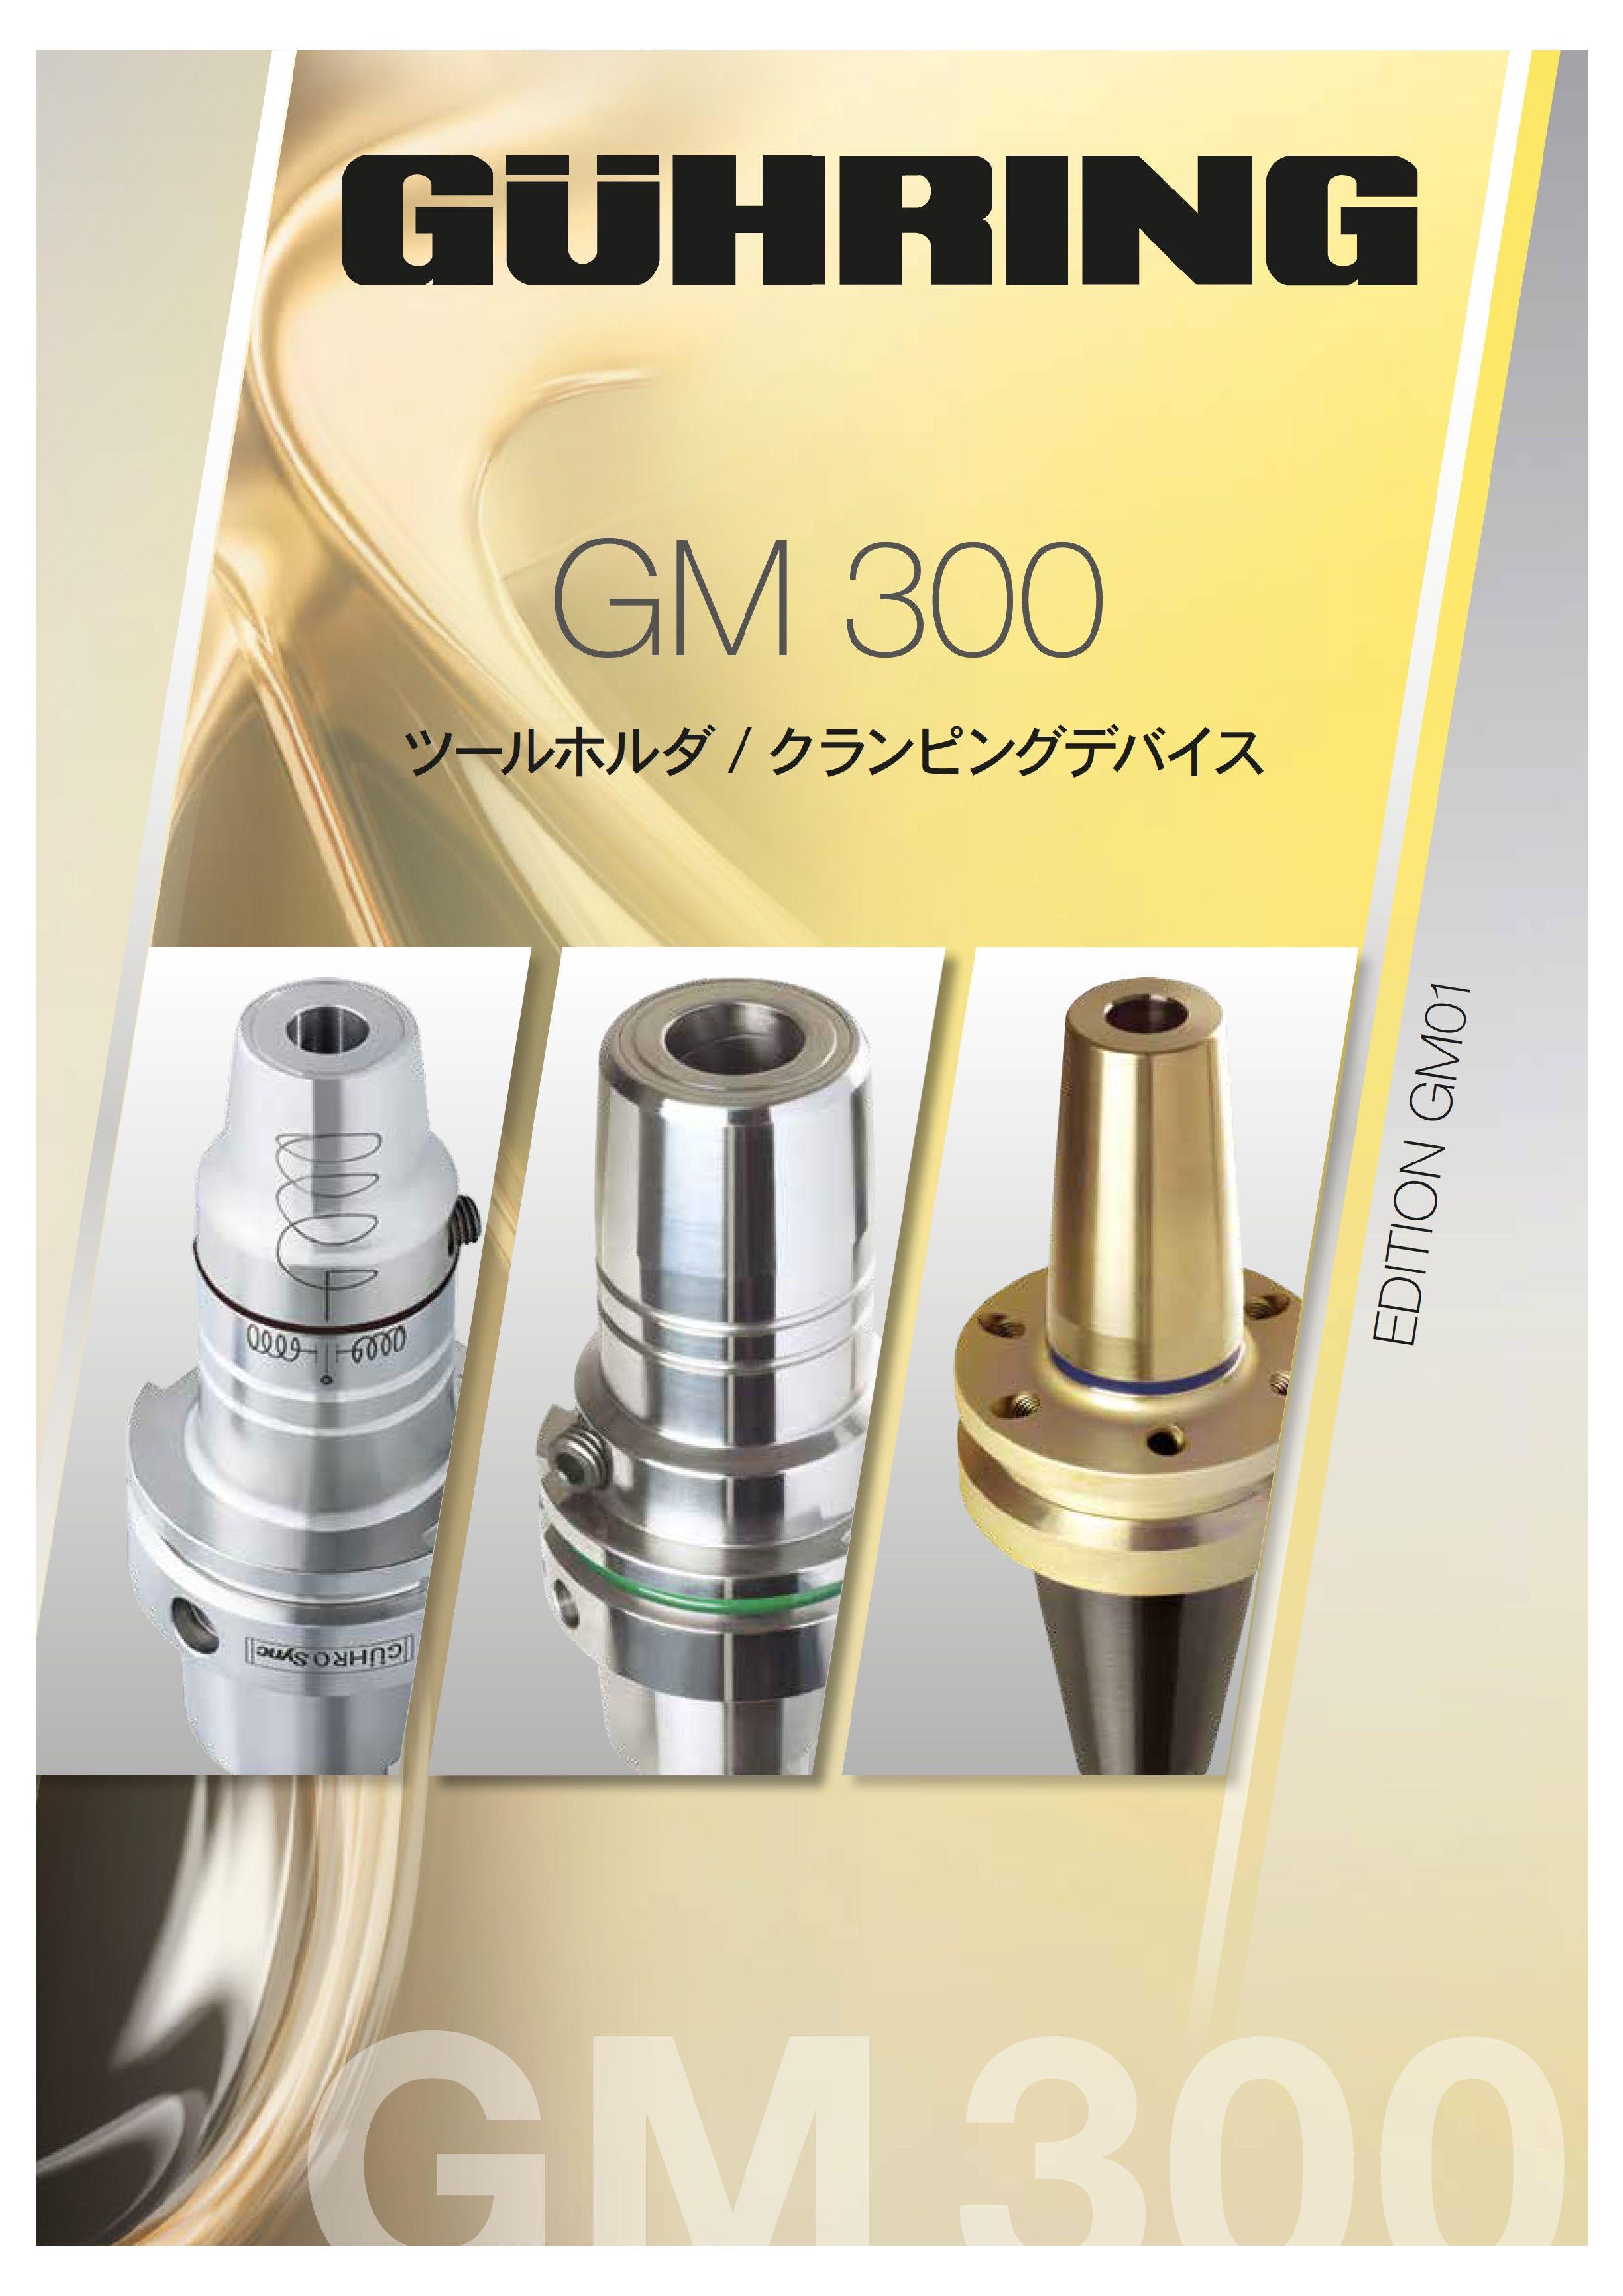 GM300ツールホルダ・クランピングデバイス